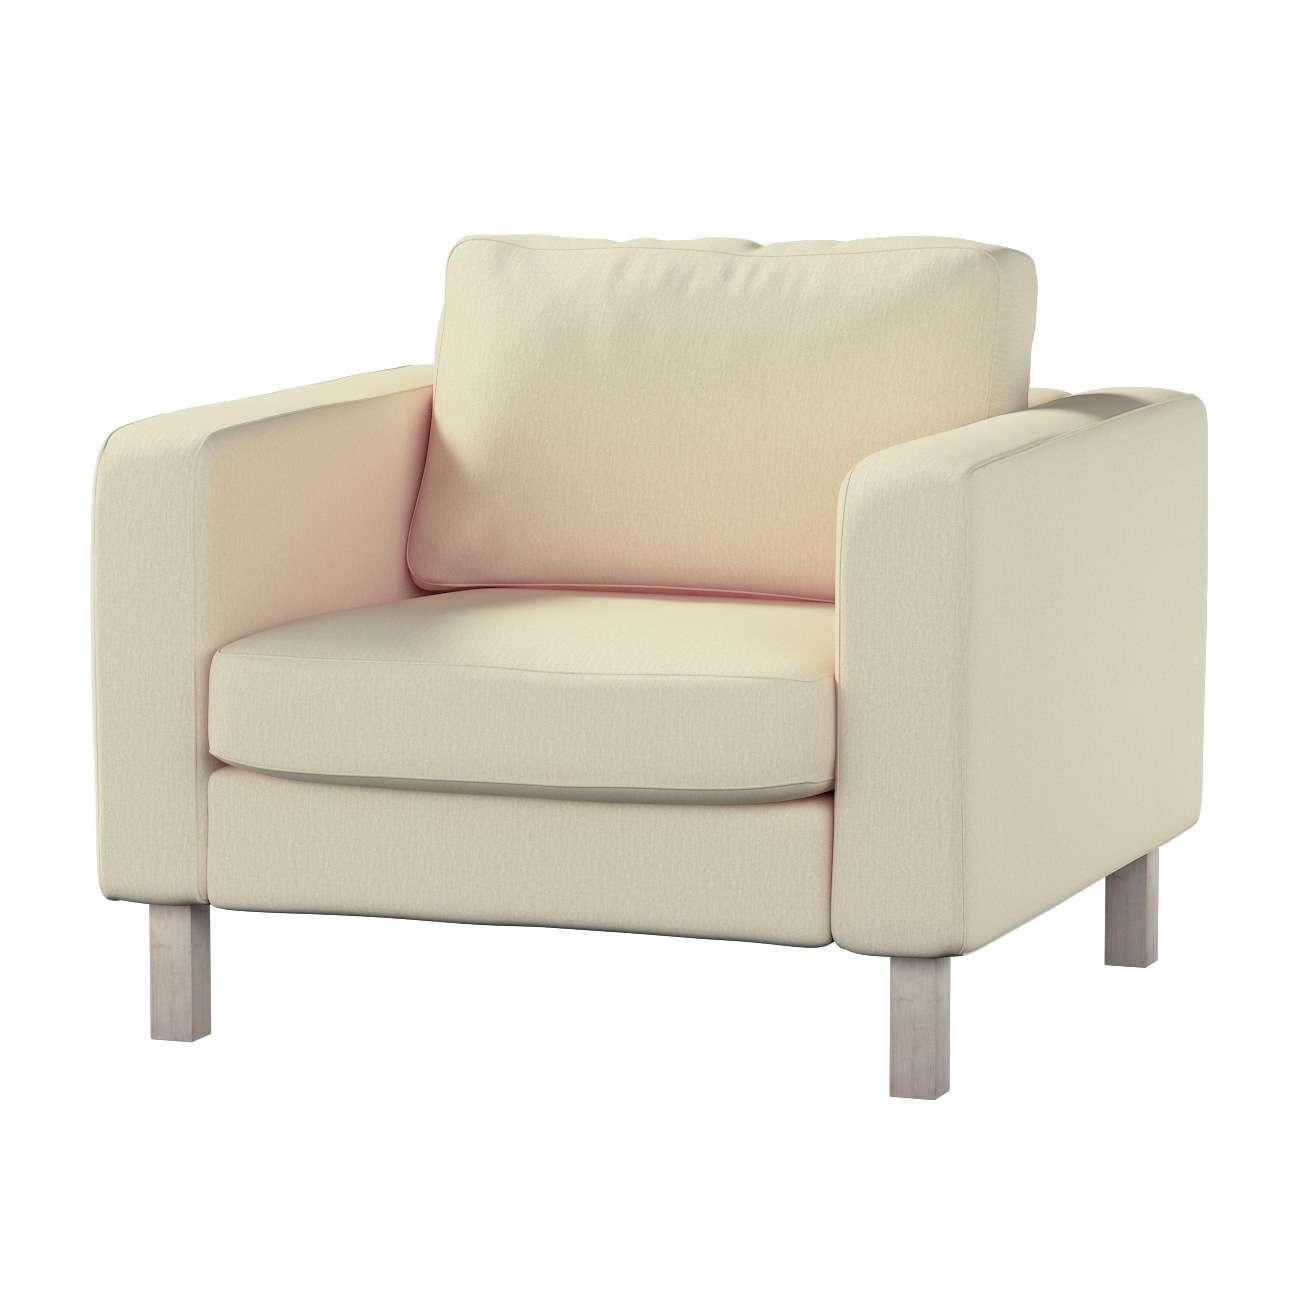 Pokrowiec na fotel Karlstad, krótki w kolekcji Chenille, tkanina: 702-22